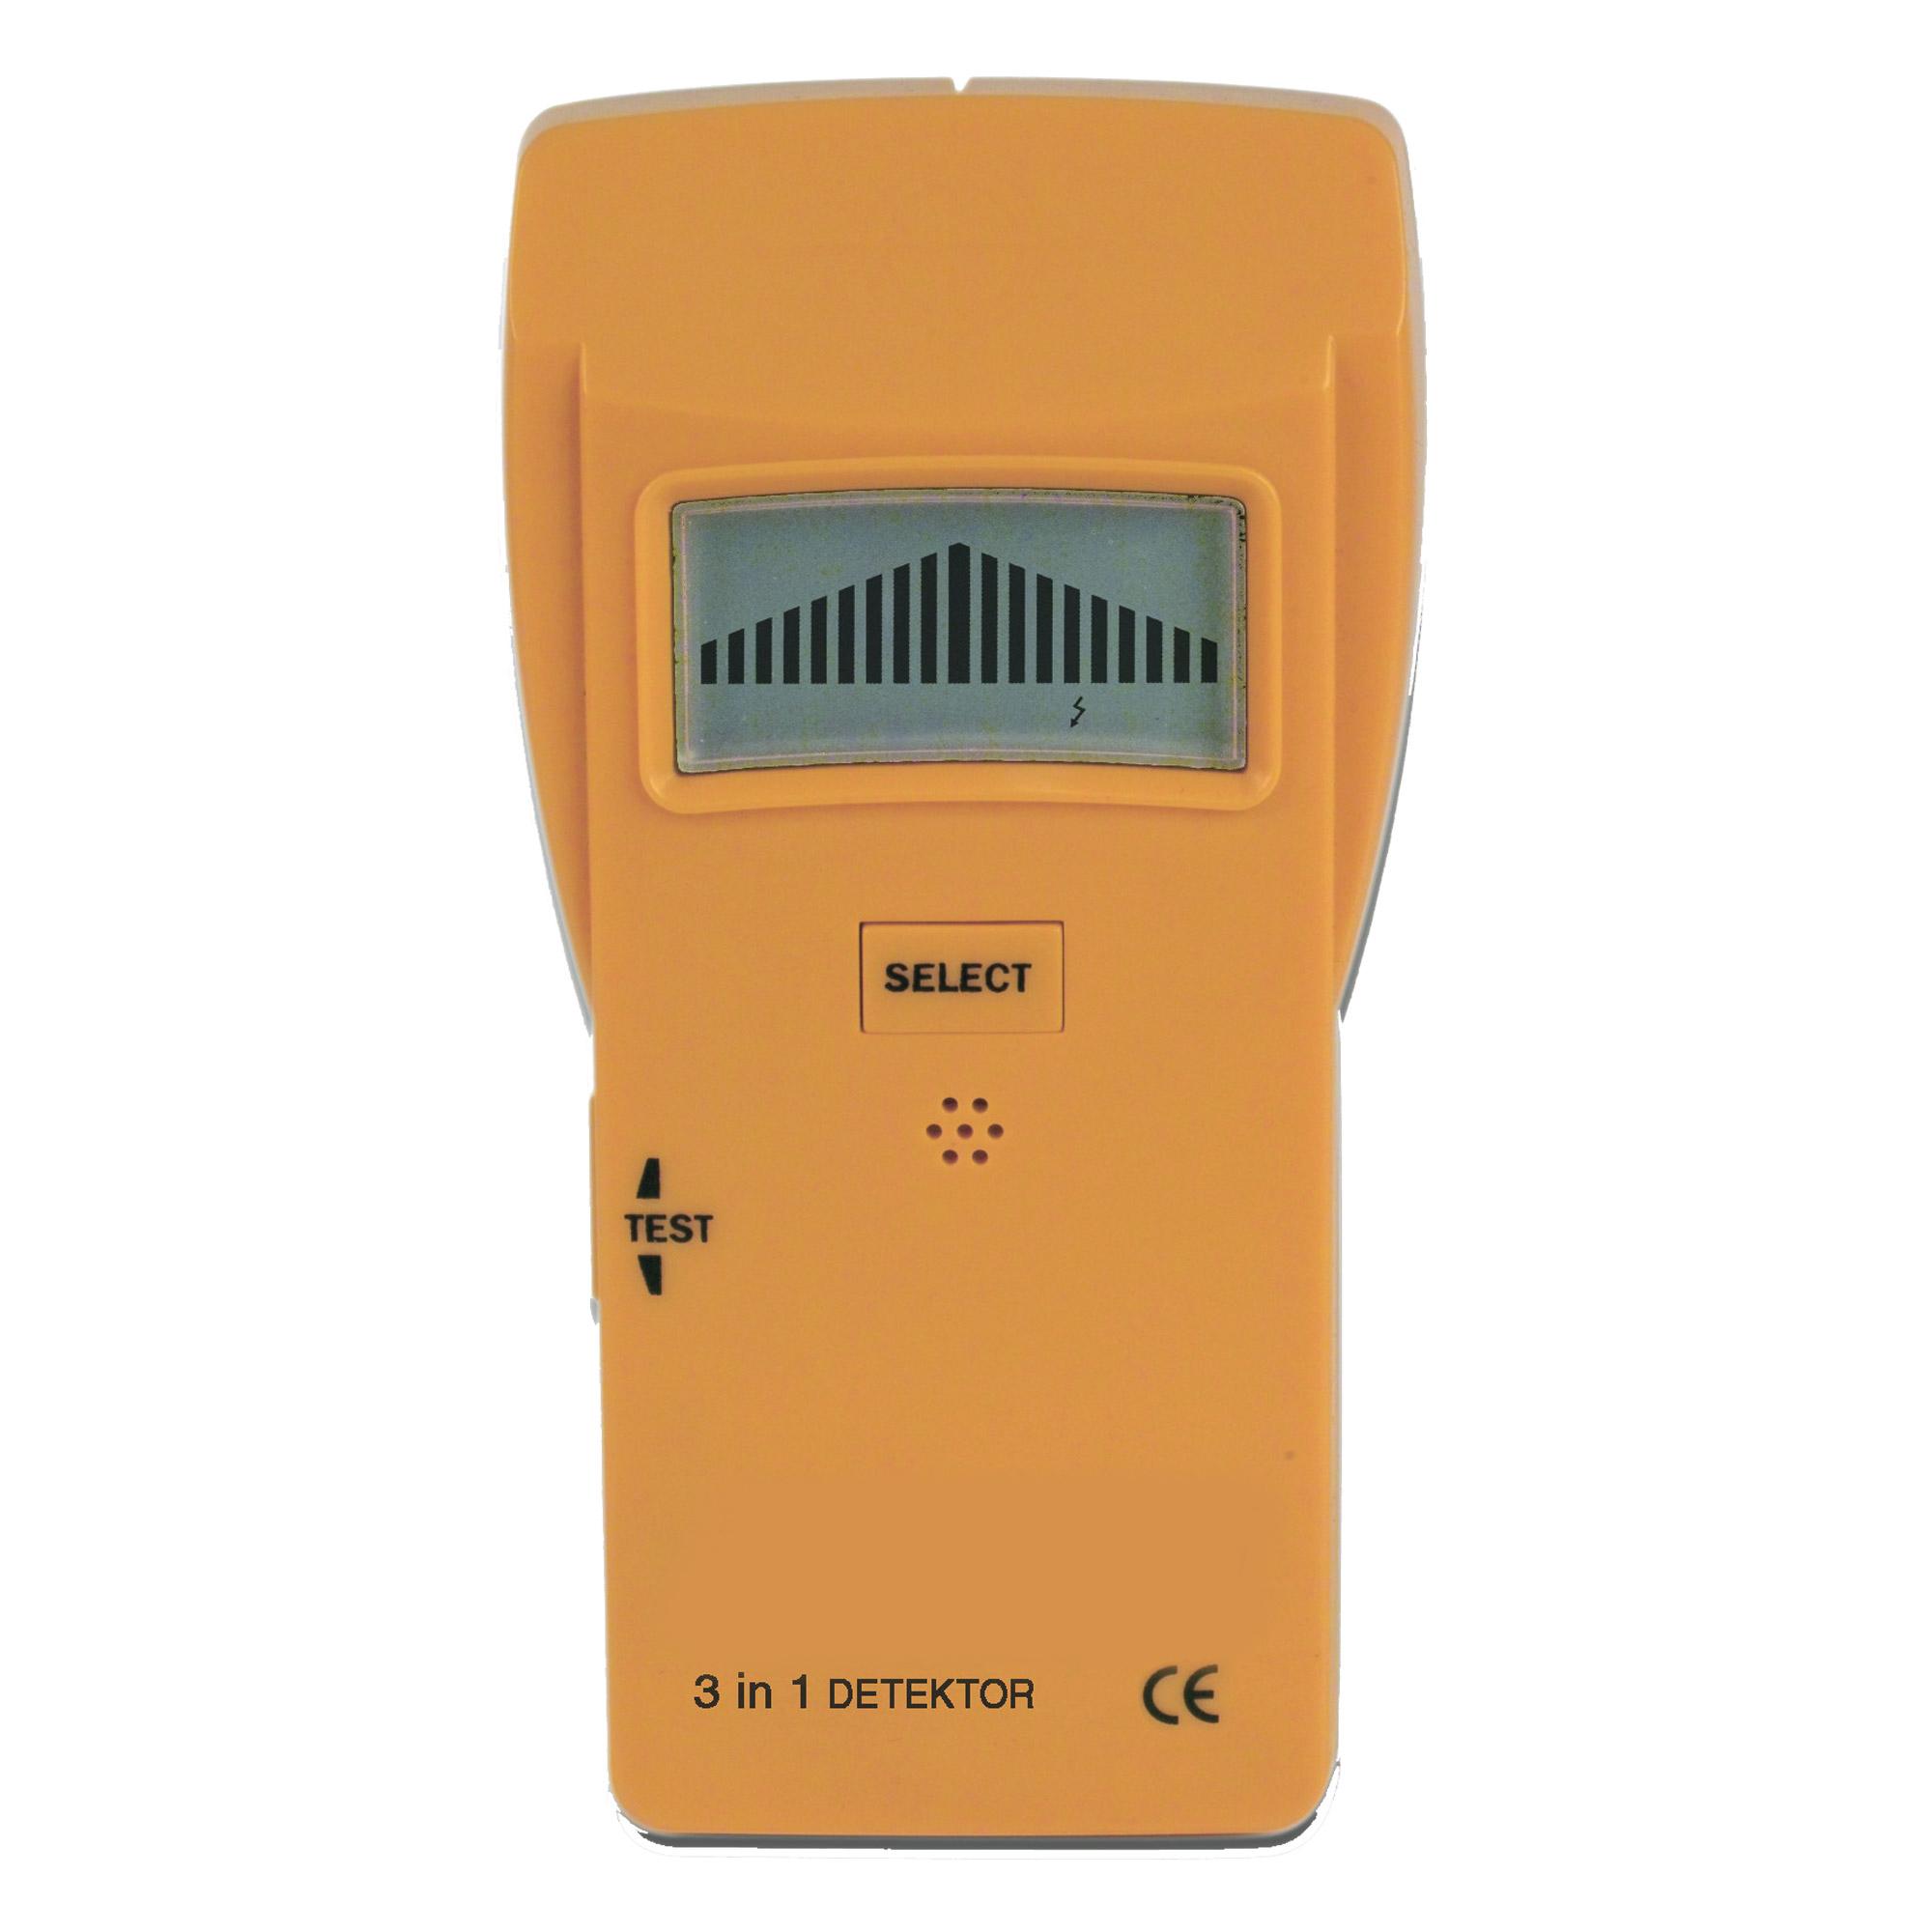 Detektor 3 in 1